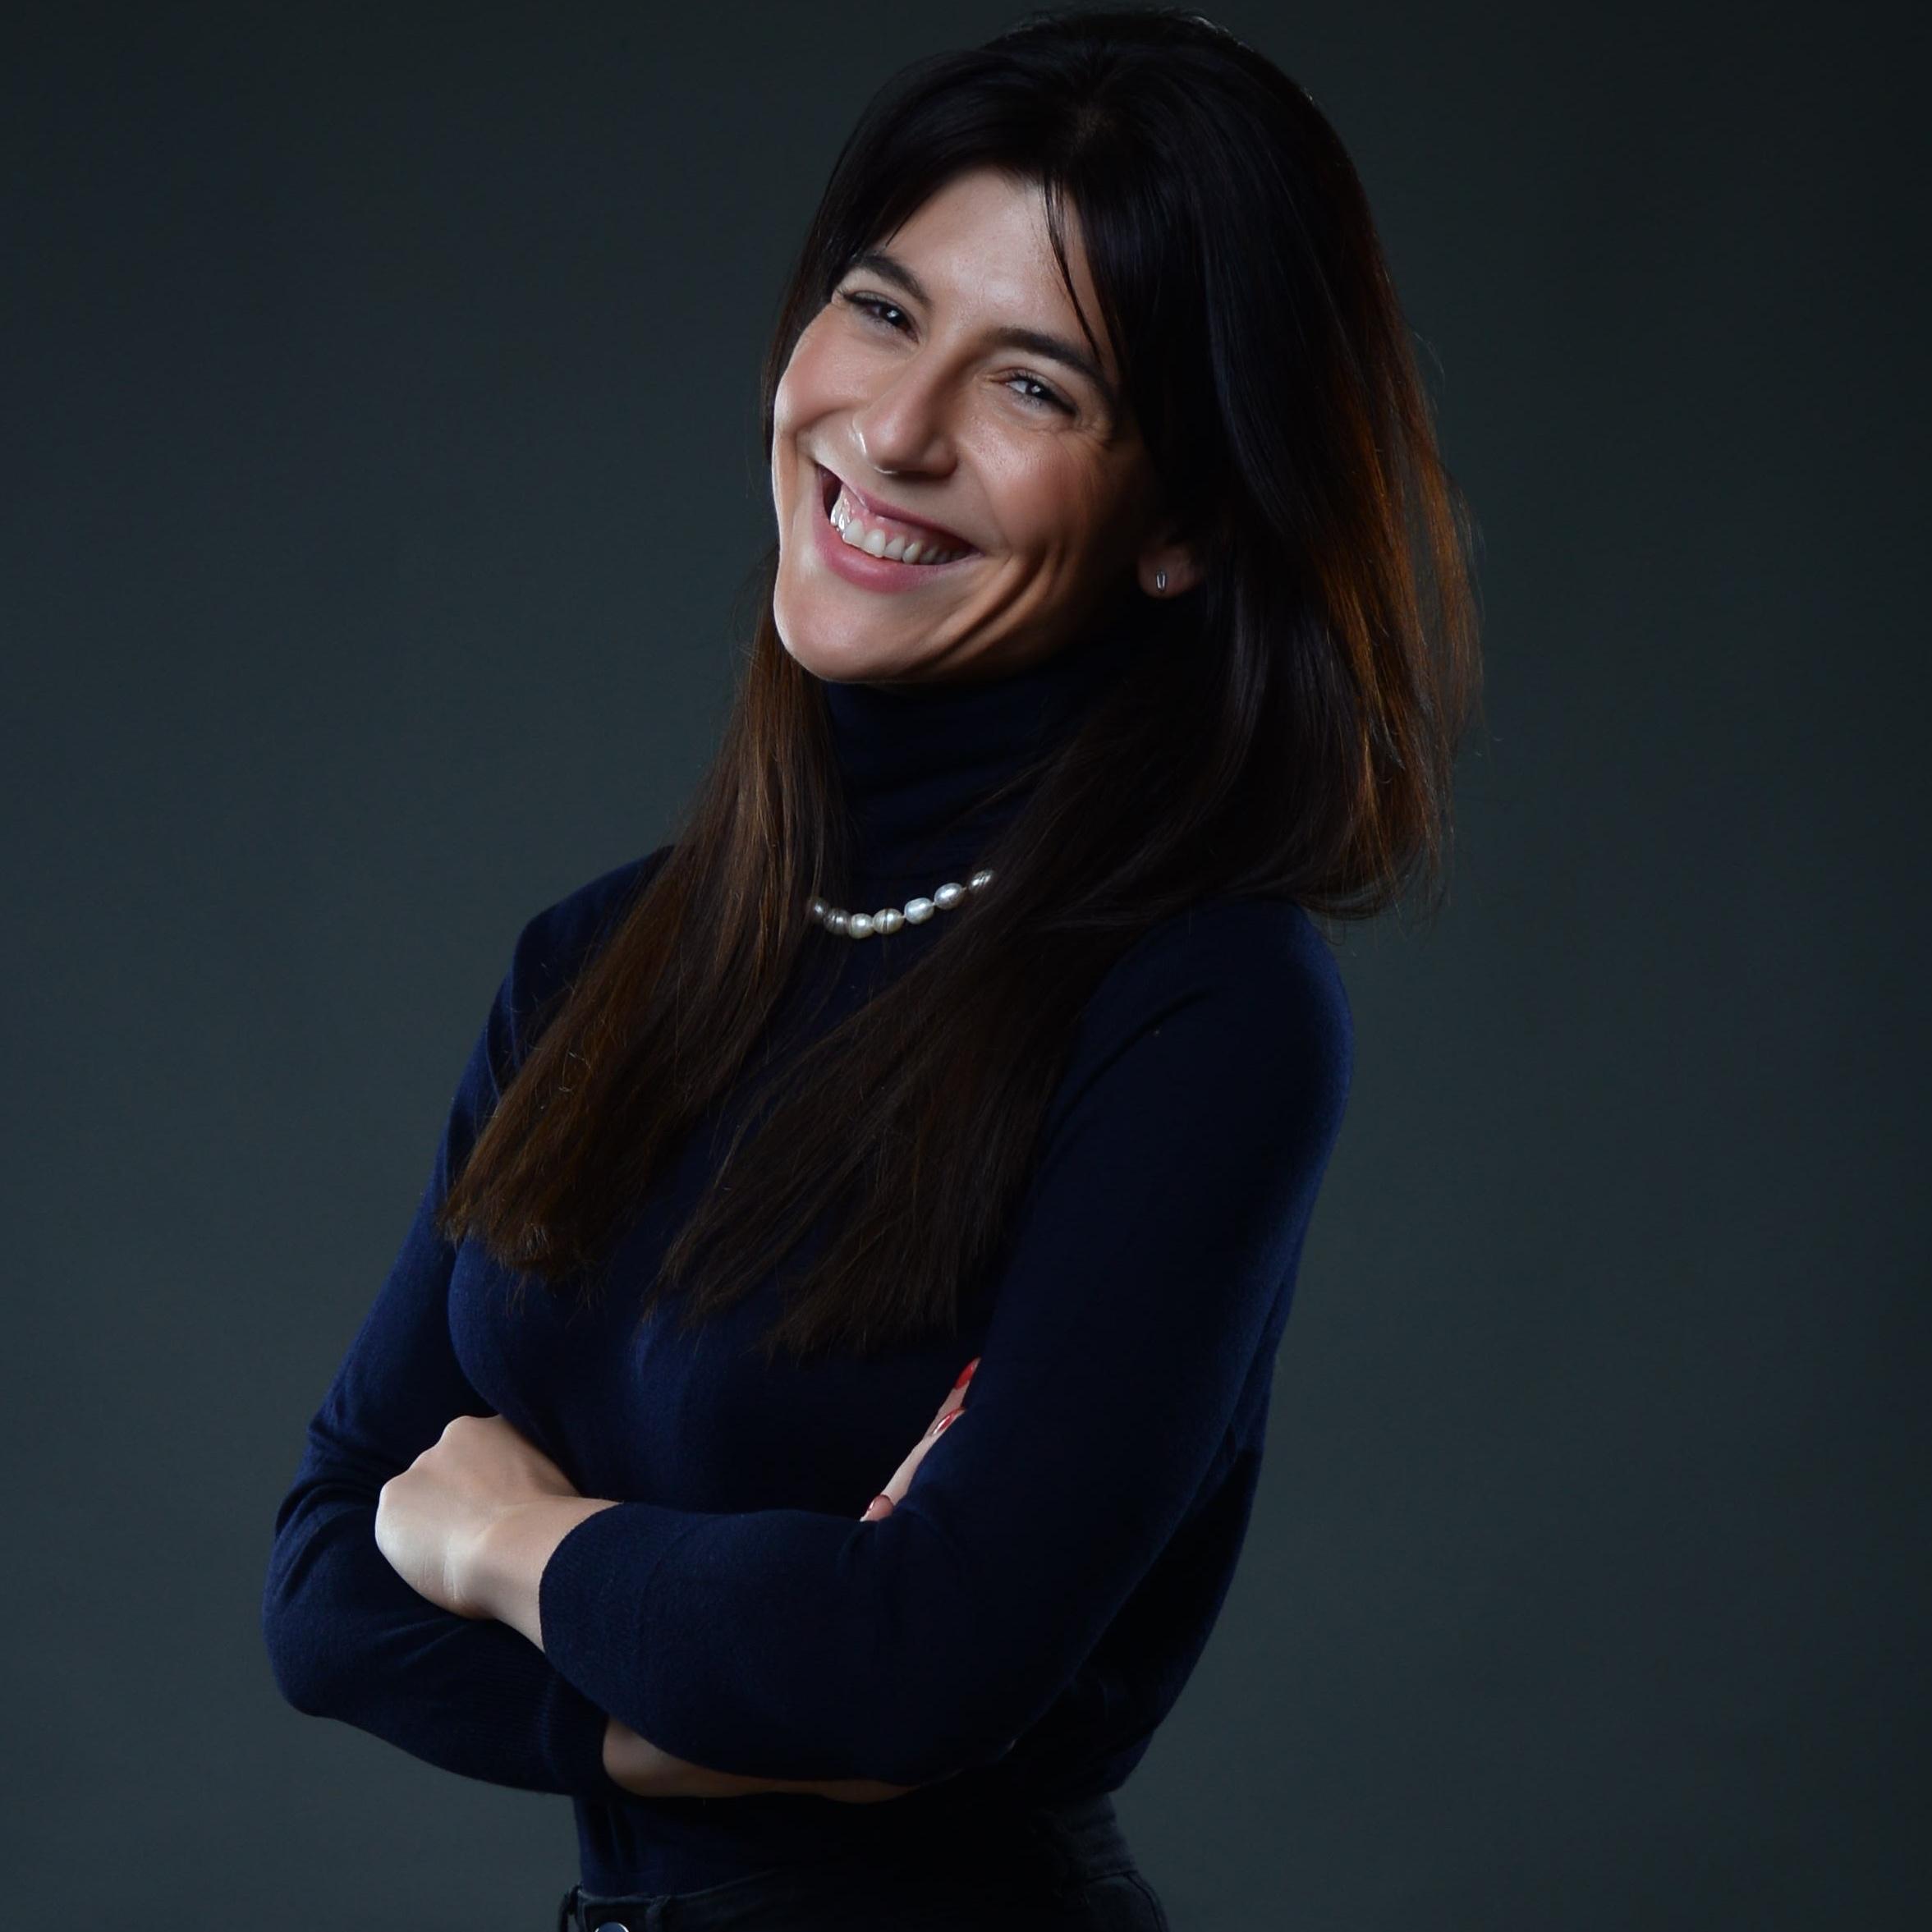 Marina-Cvetkovic.jpg